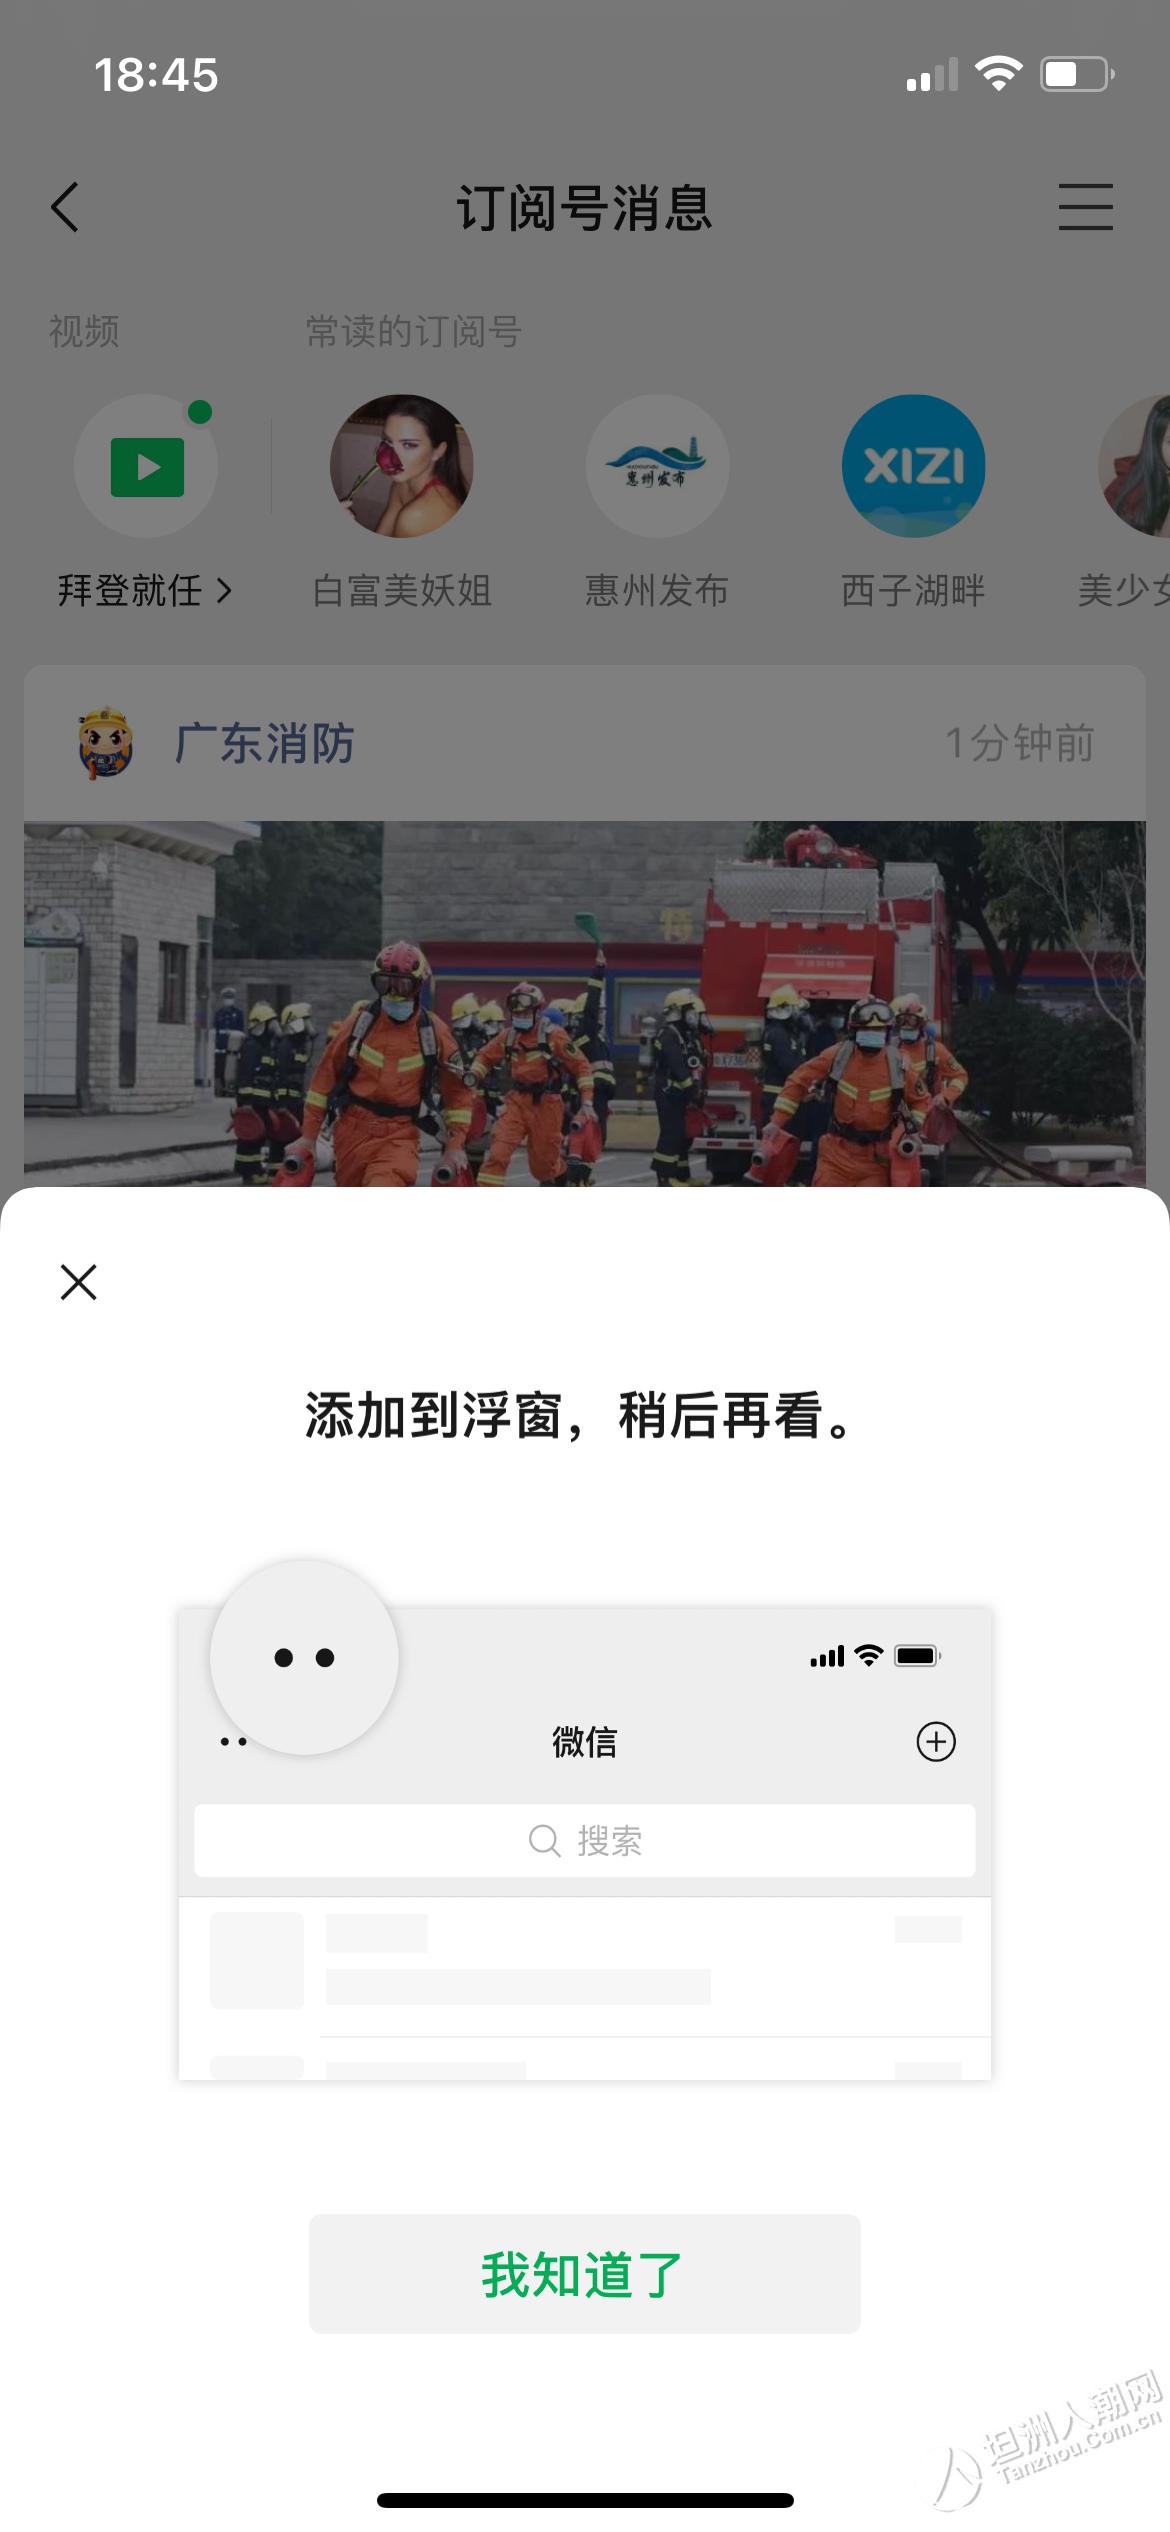 """热搜第一!微信又双叒叕更新!坦洲街坊的微信真""""炸""""了"""